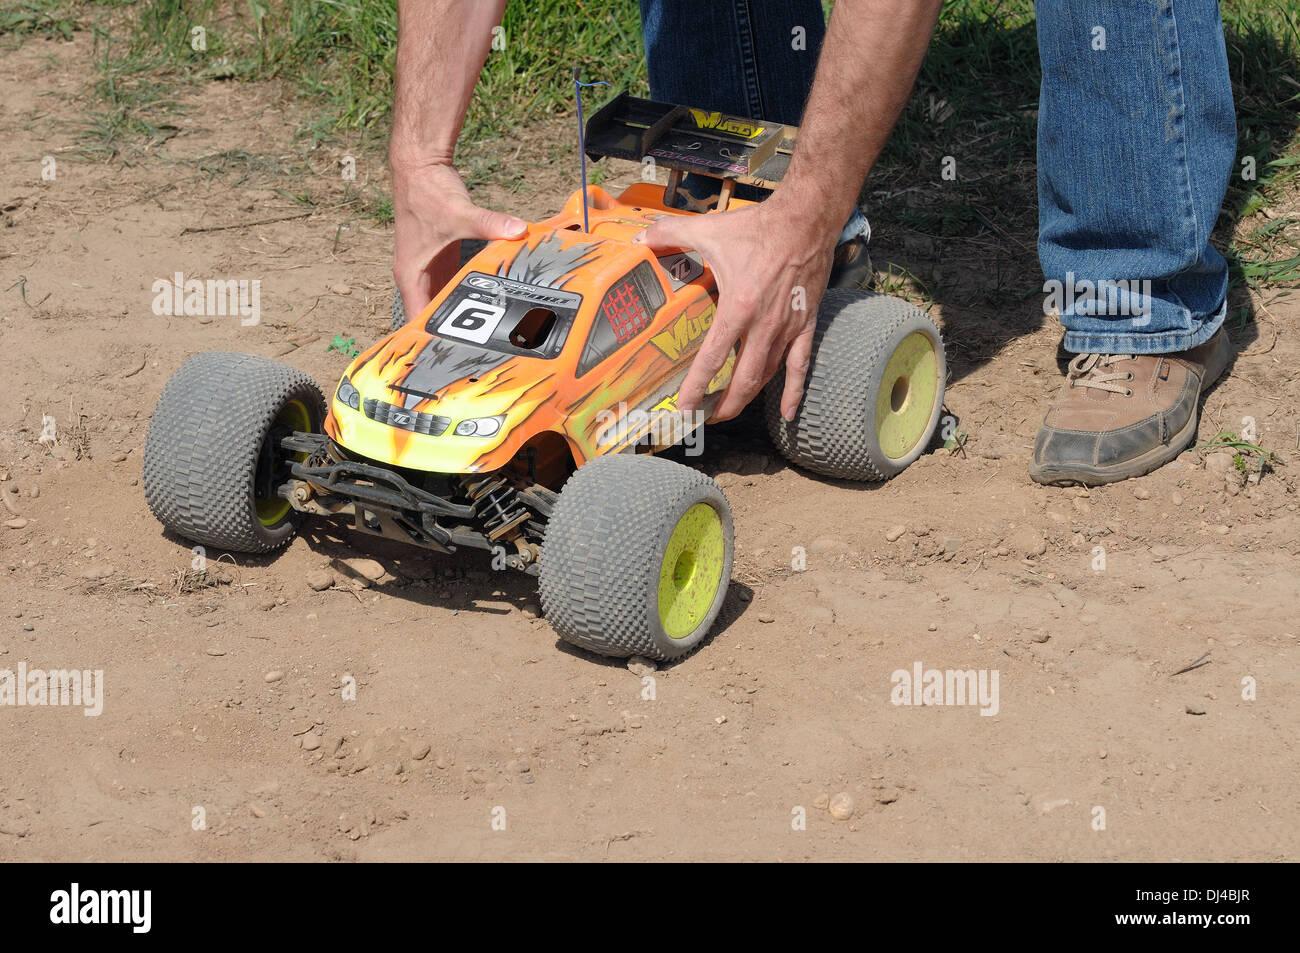 Modèle avec amour car racing Photo Stock